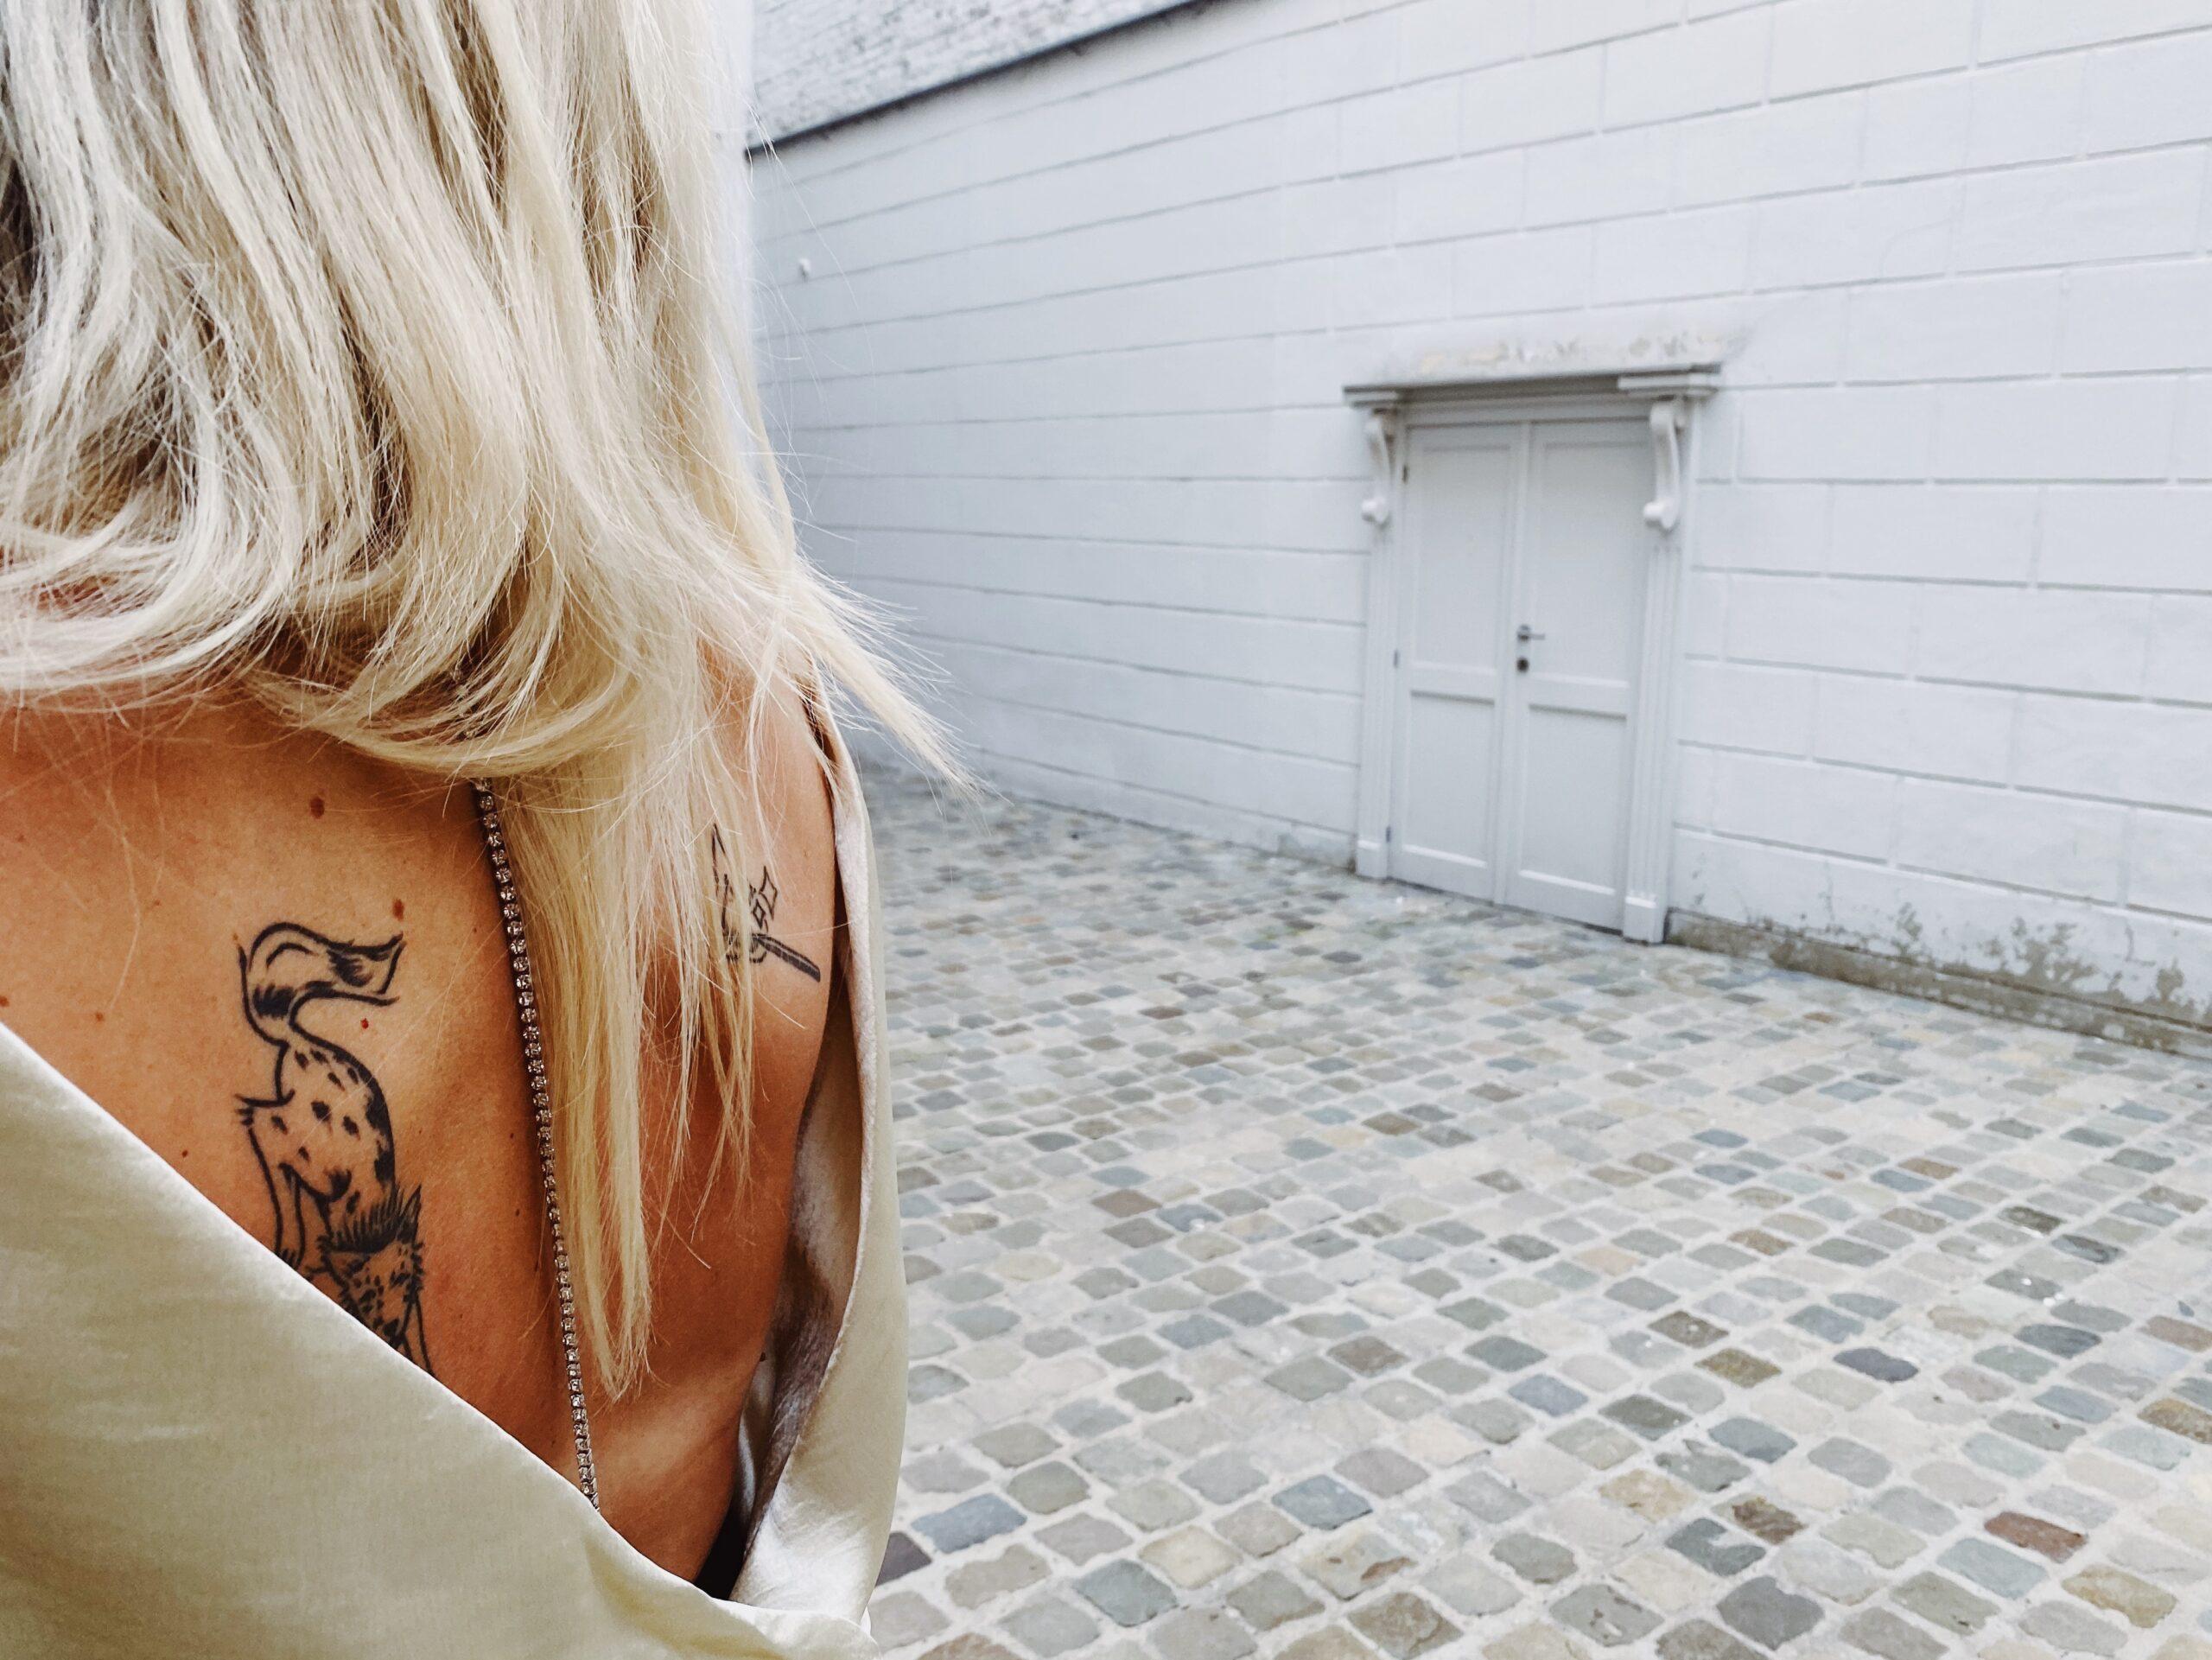 Tatoueurs liégeois tatouage liège DR Kathleen Wuyard Boulettes Magazine